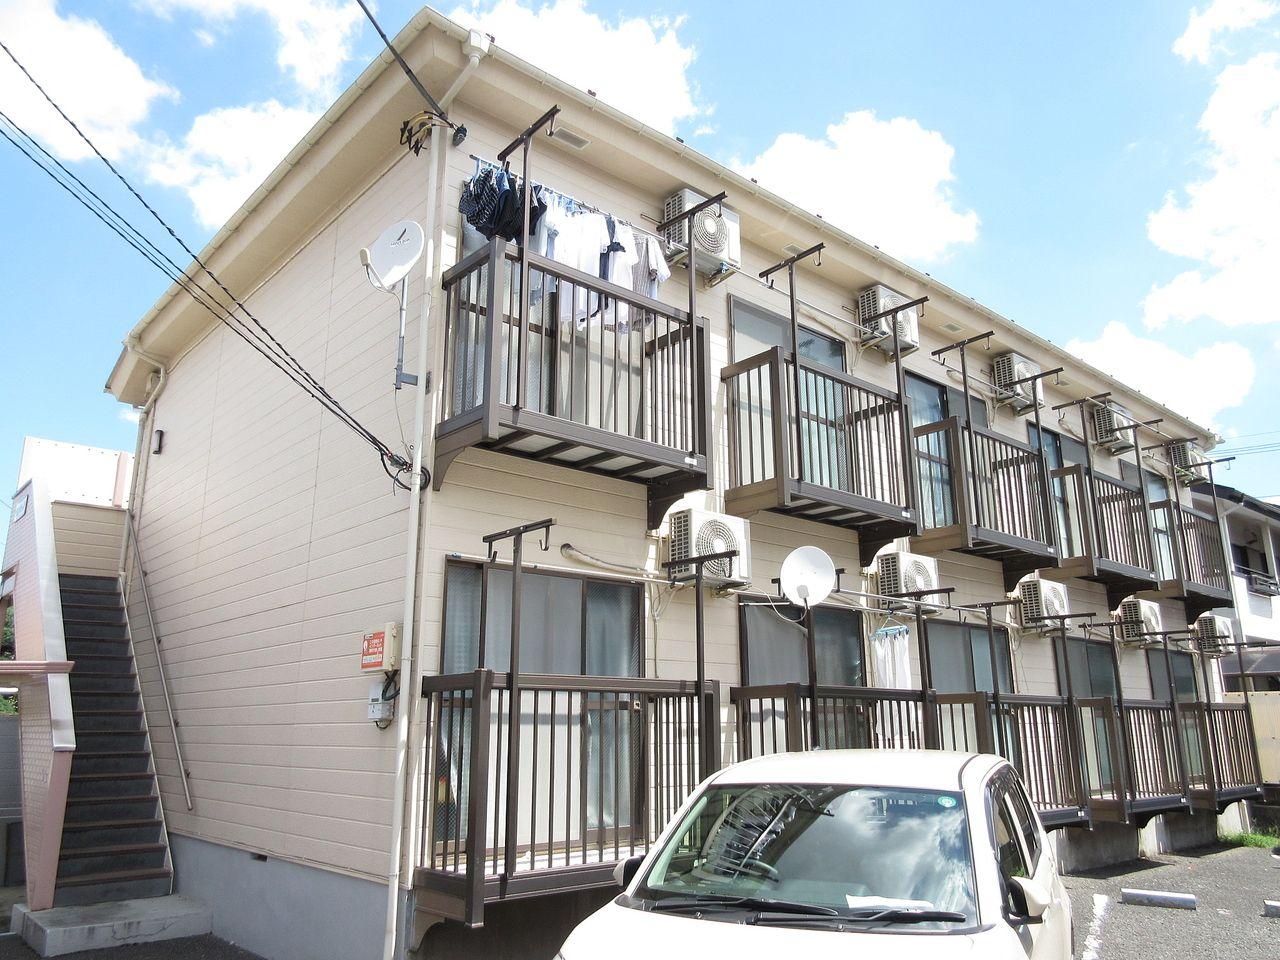 【板橋区高島平の賃貸アパート】~敷地内に駐車場がある単身者物件って珍しくないですか・ヴォンヴューラ105号室・1K~